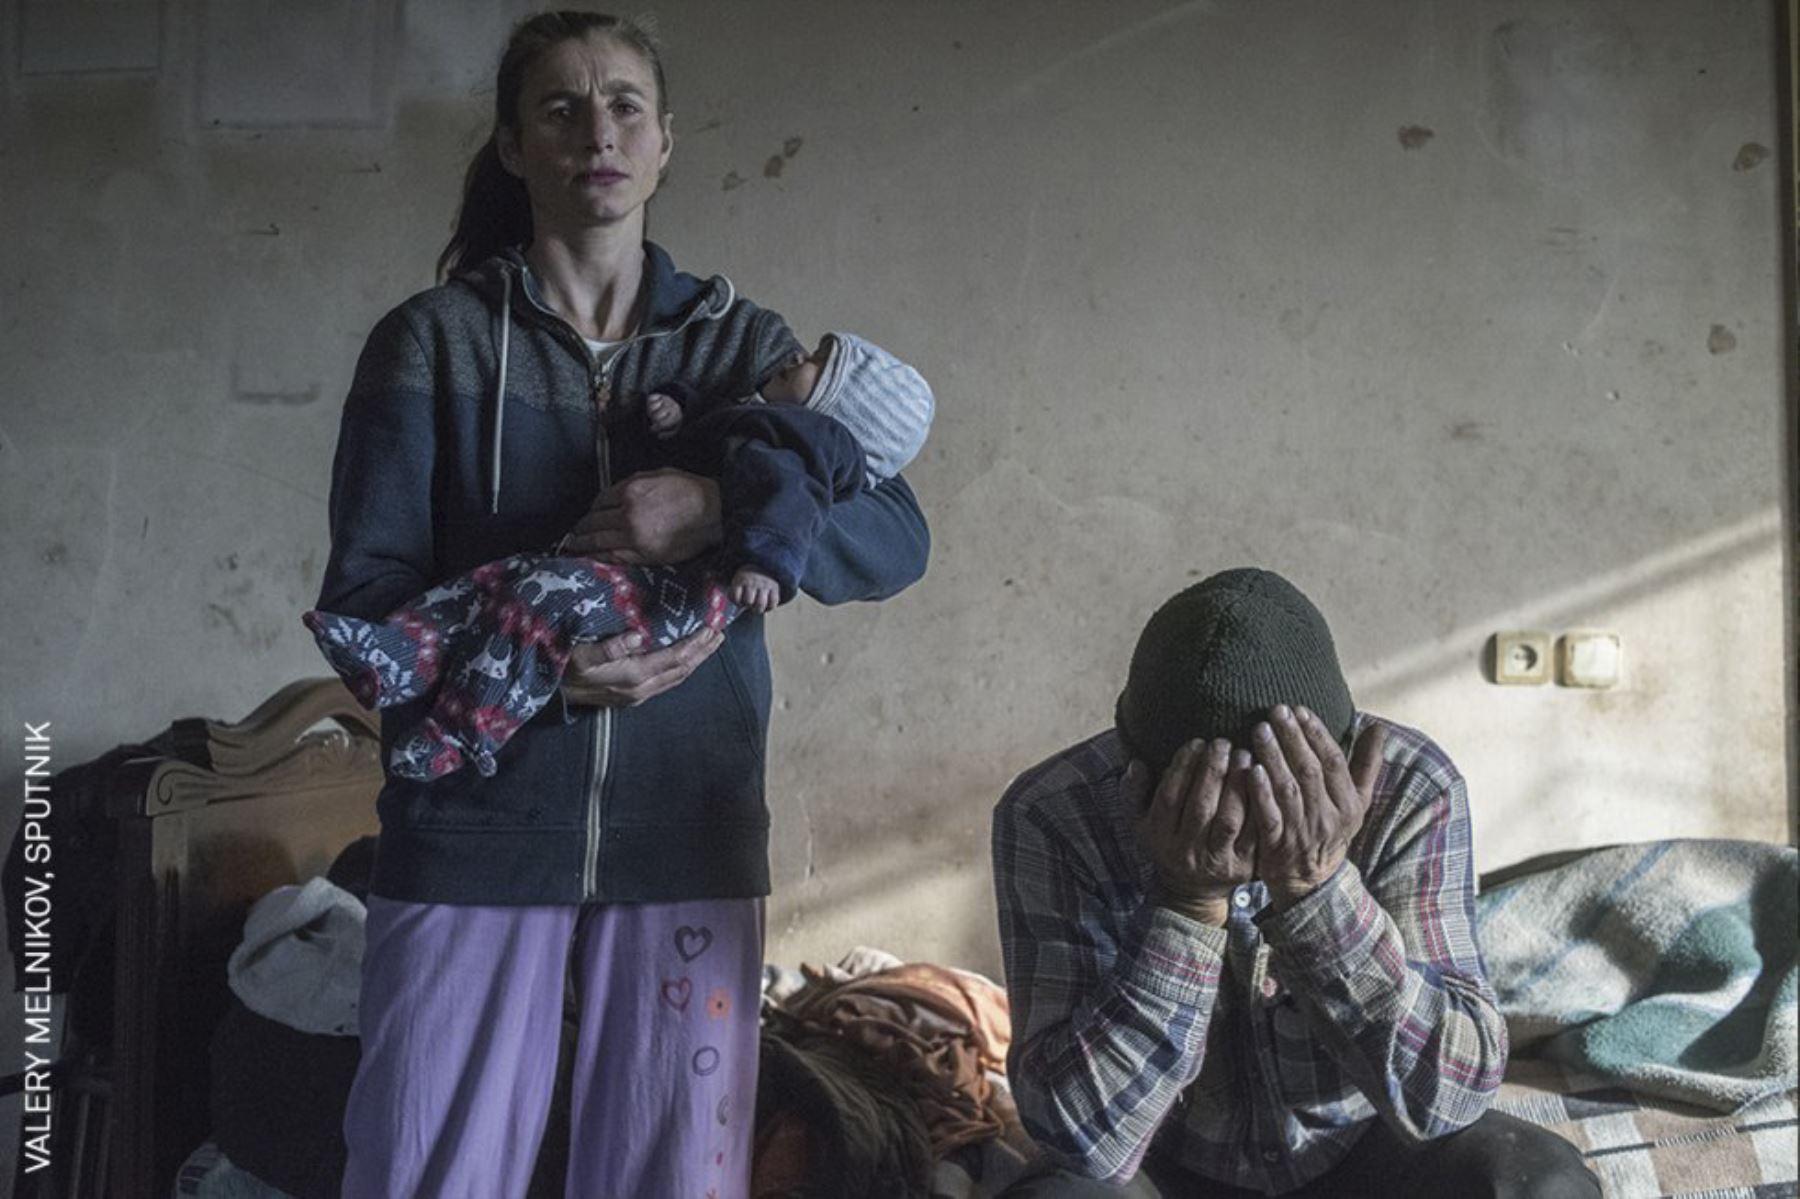 Noticias generales, serie: Paraíso perdido. Azat Gevorkyan y su esposa Anaik son fotografiados antes de salir de su casa en Lachin, Nagorno-Karabaj. Foto: Valery Melnikov